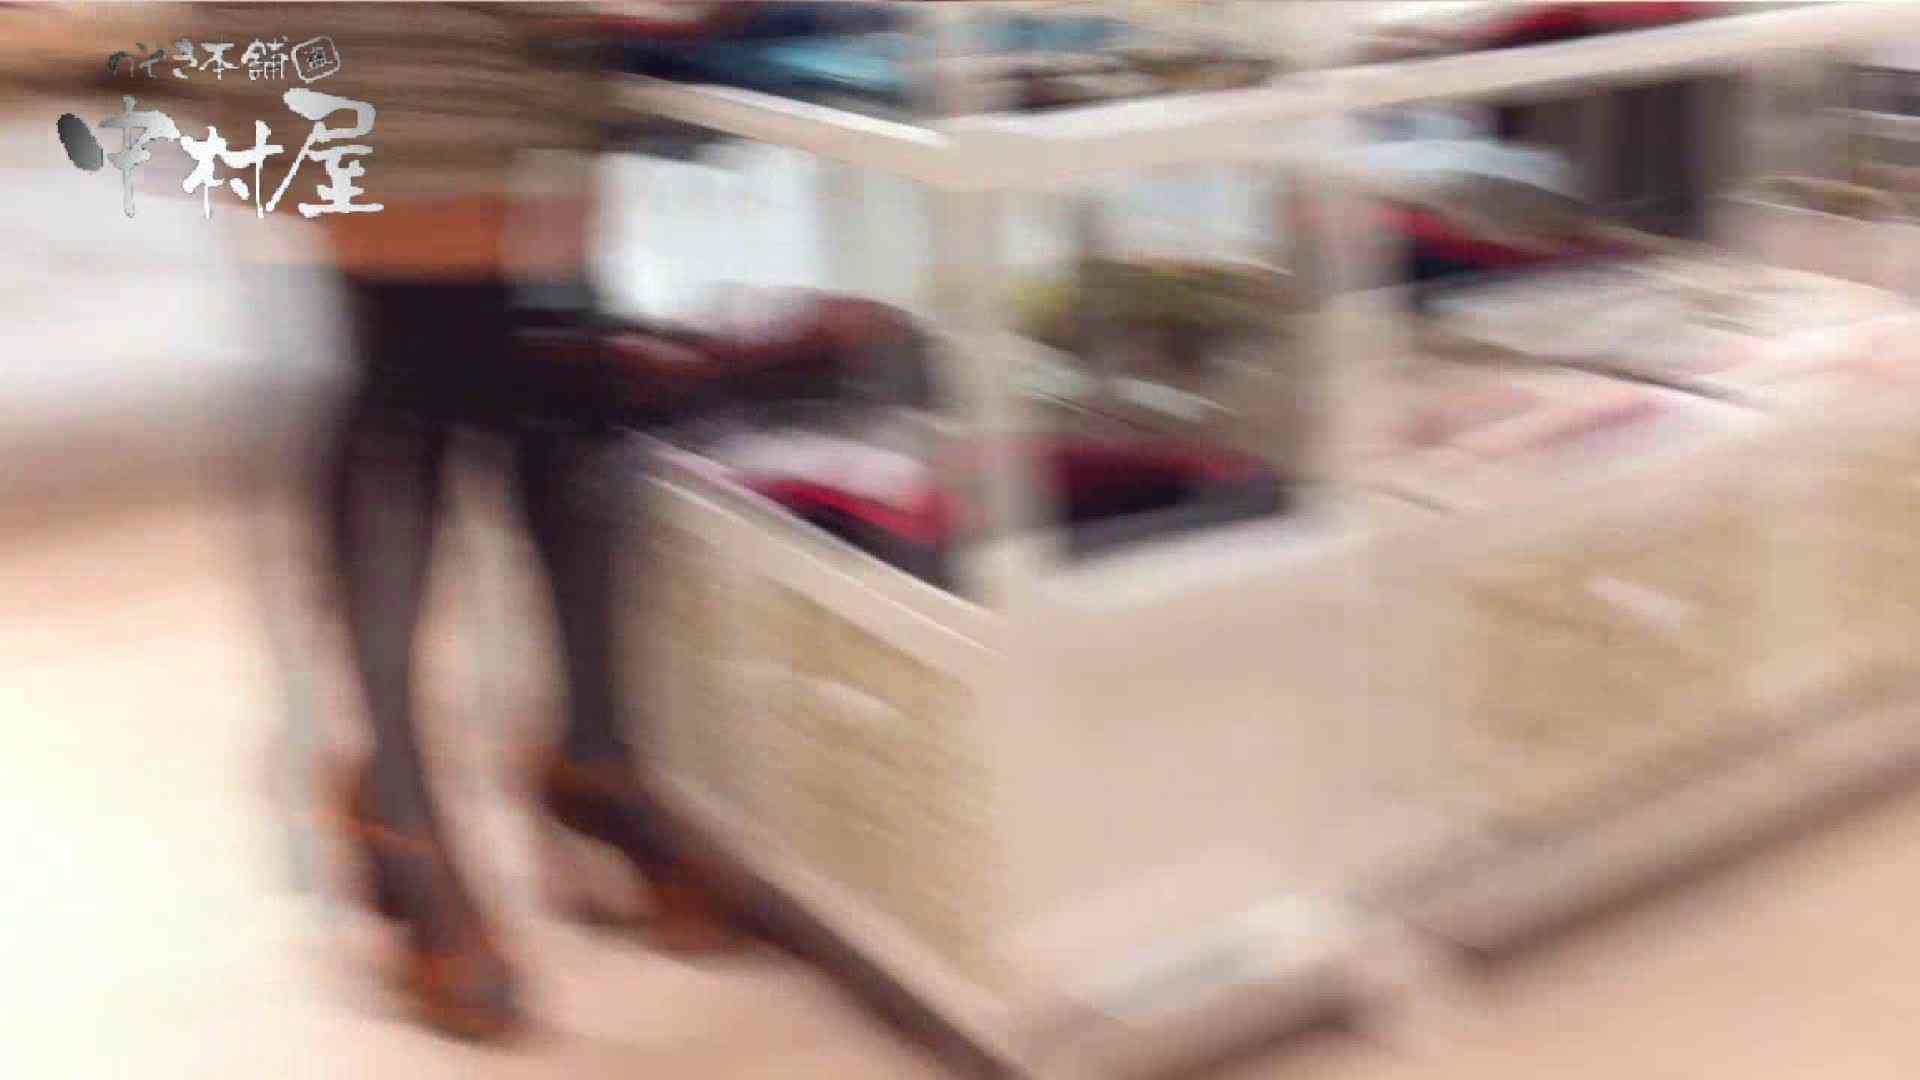 vol.52 美人アパレル胸チラ&パンチラ おとなしそうな店員の胸元にアタック! チラ | 胸チラ  29連発 21